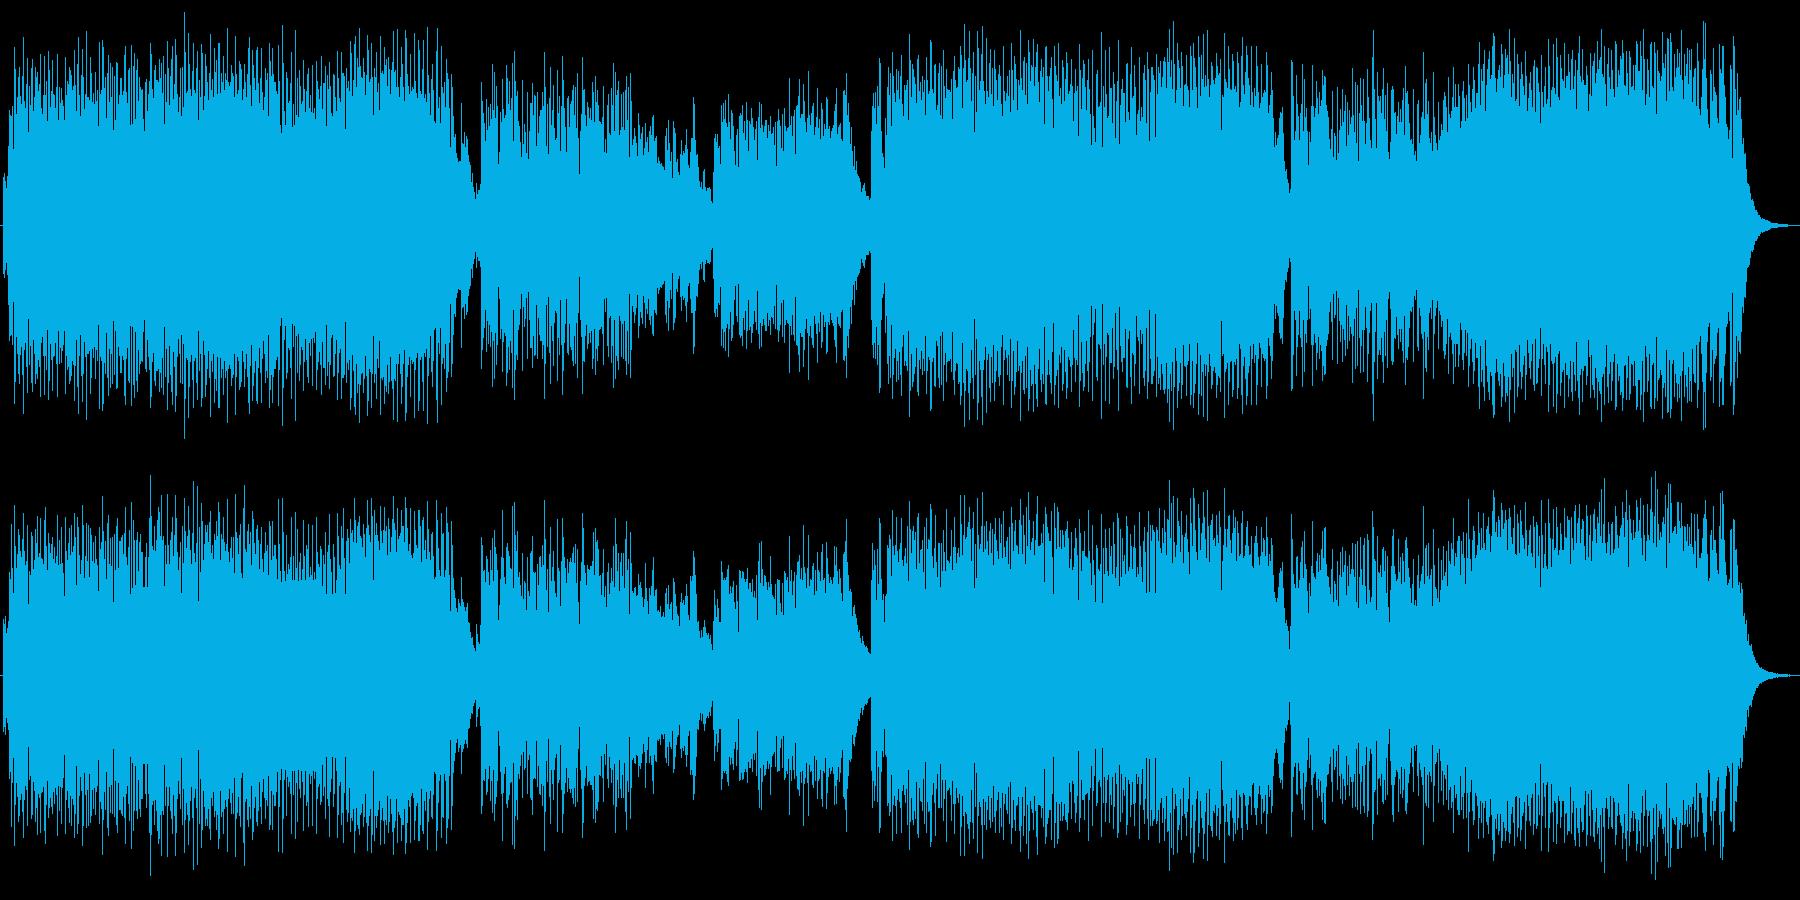 英詞 男声ボーカル ロック ヘヴィメタルの再生済みの波形